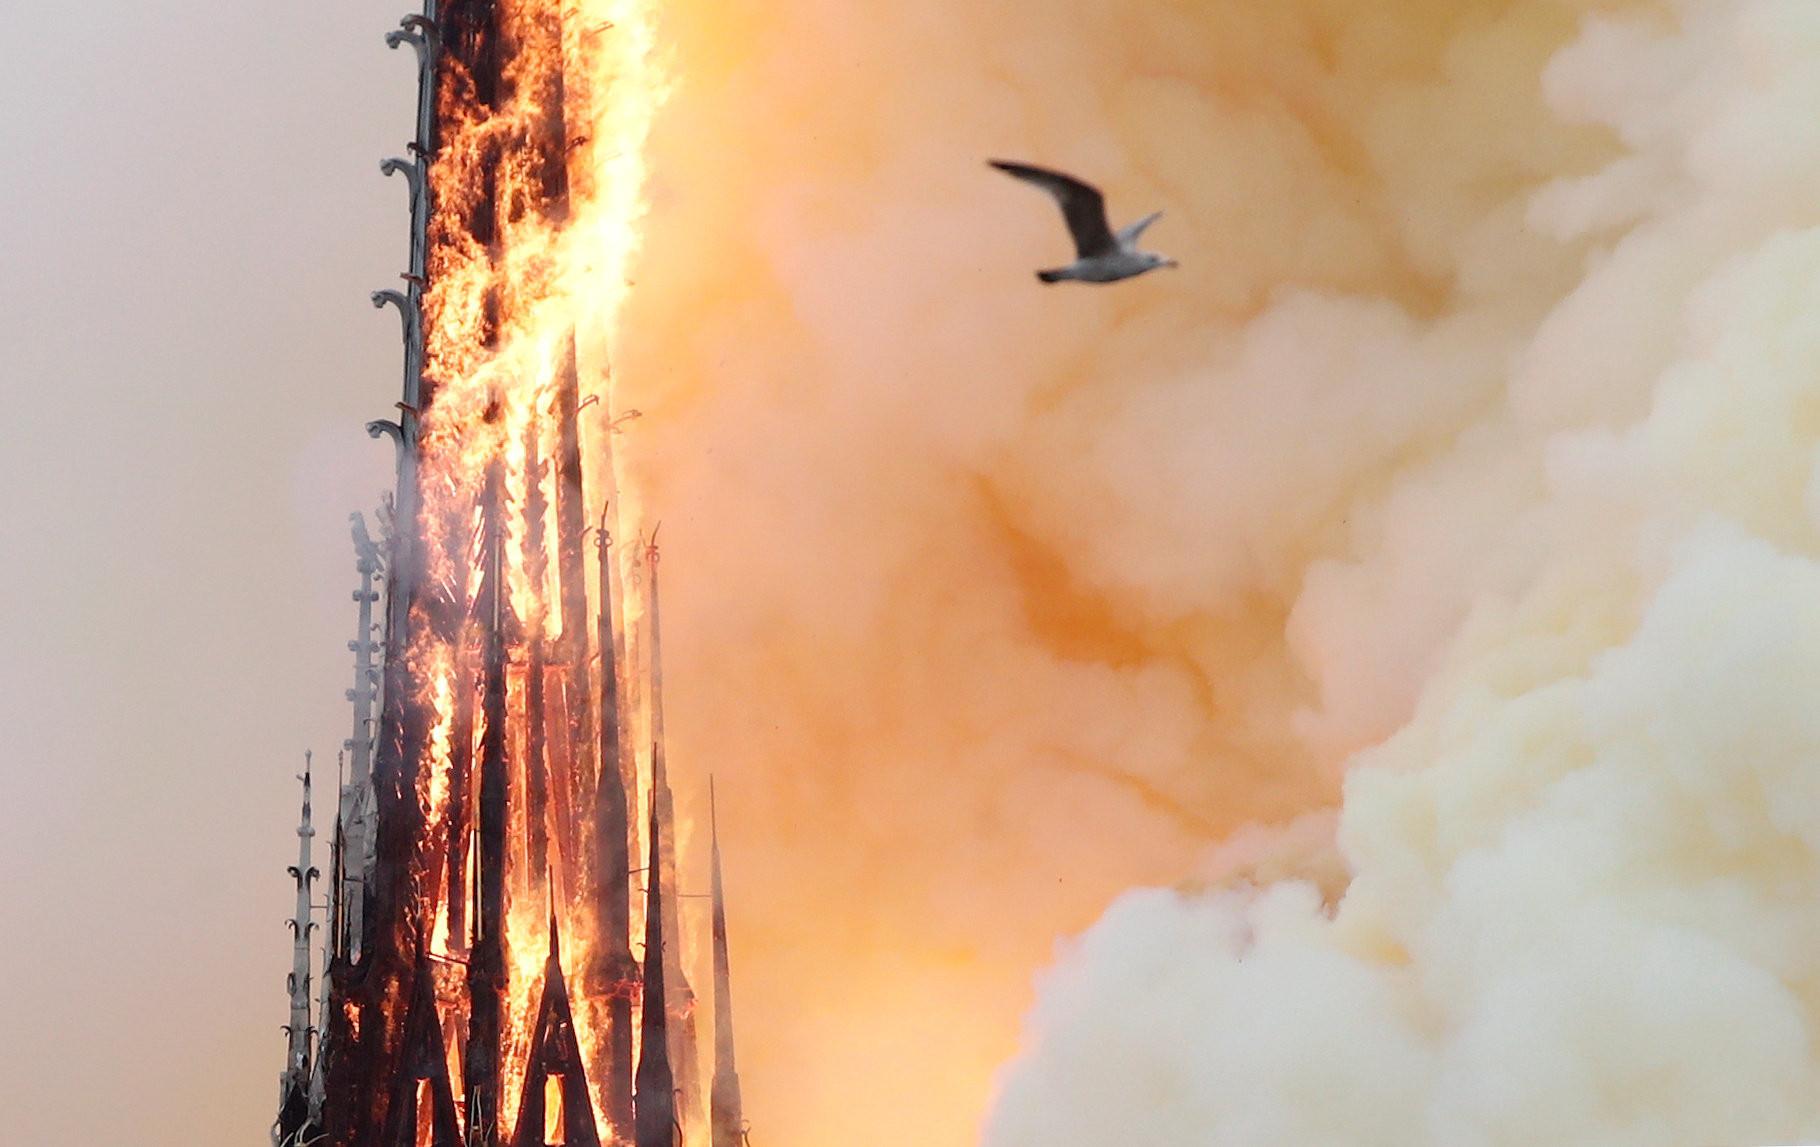 ▲巴黎聖母院(Notre-Dame de Paris);巴黎聖母主教座堂(Cathédrale Notre-Dame de Paris)火災。(圖/路透社)